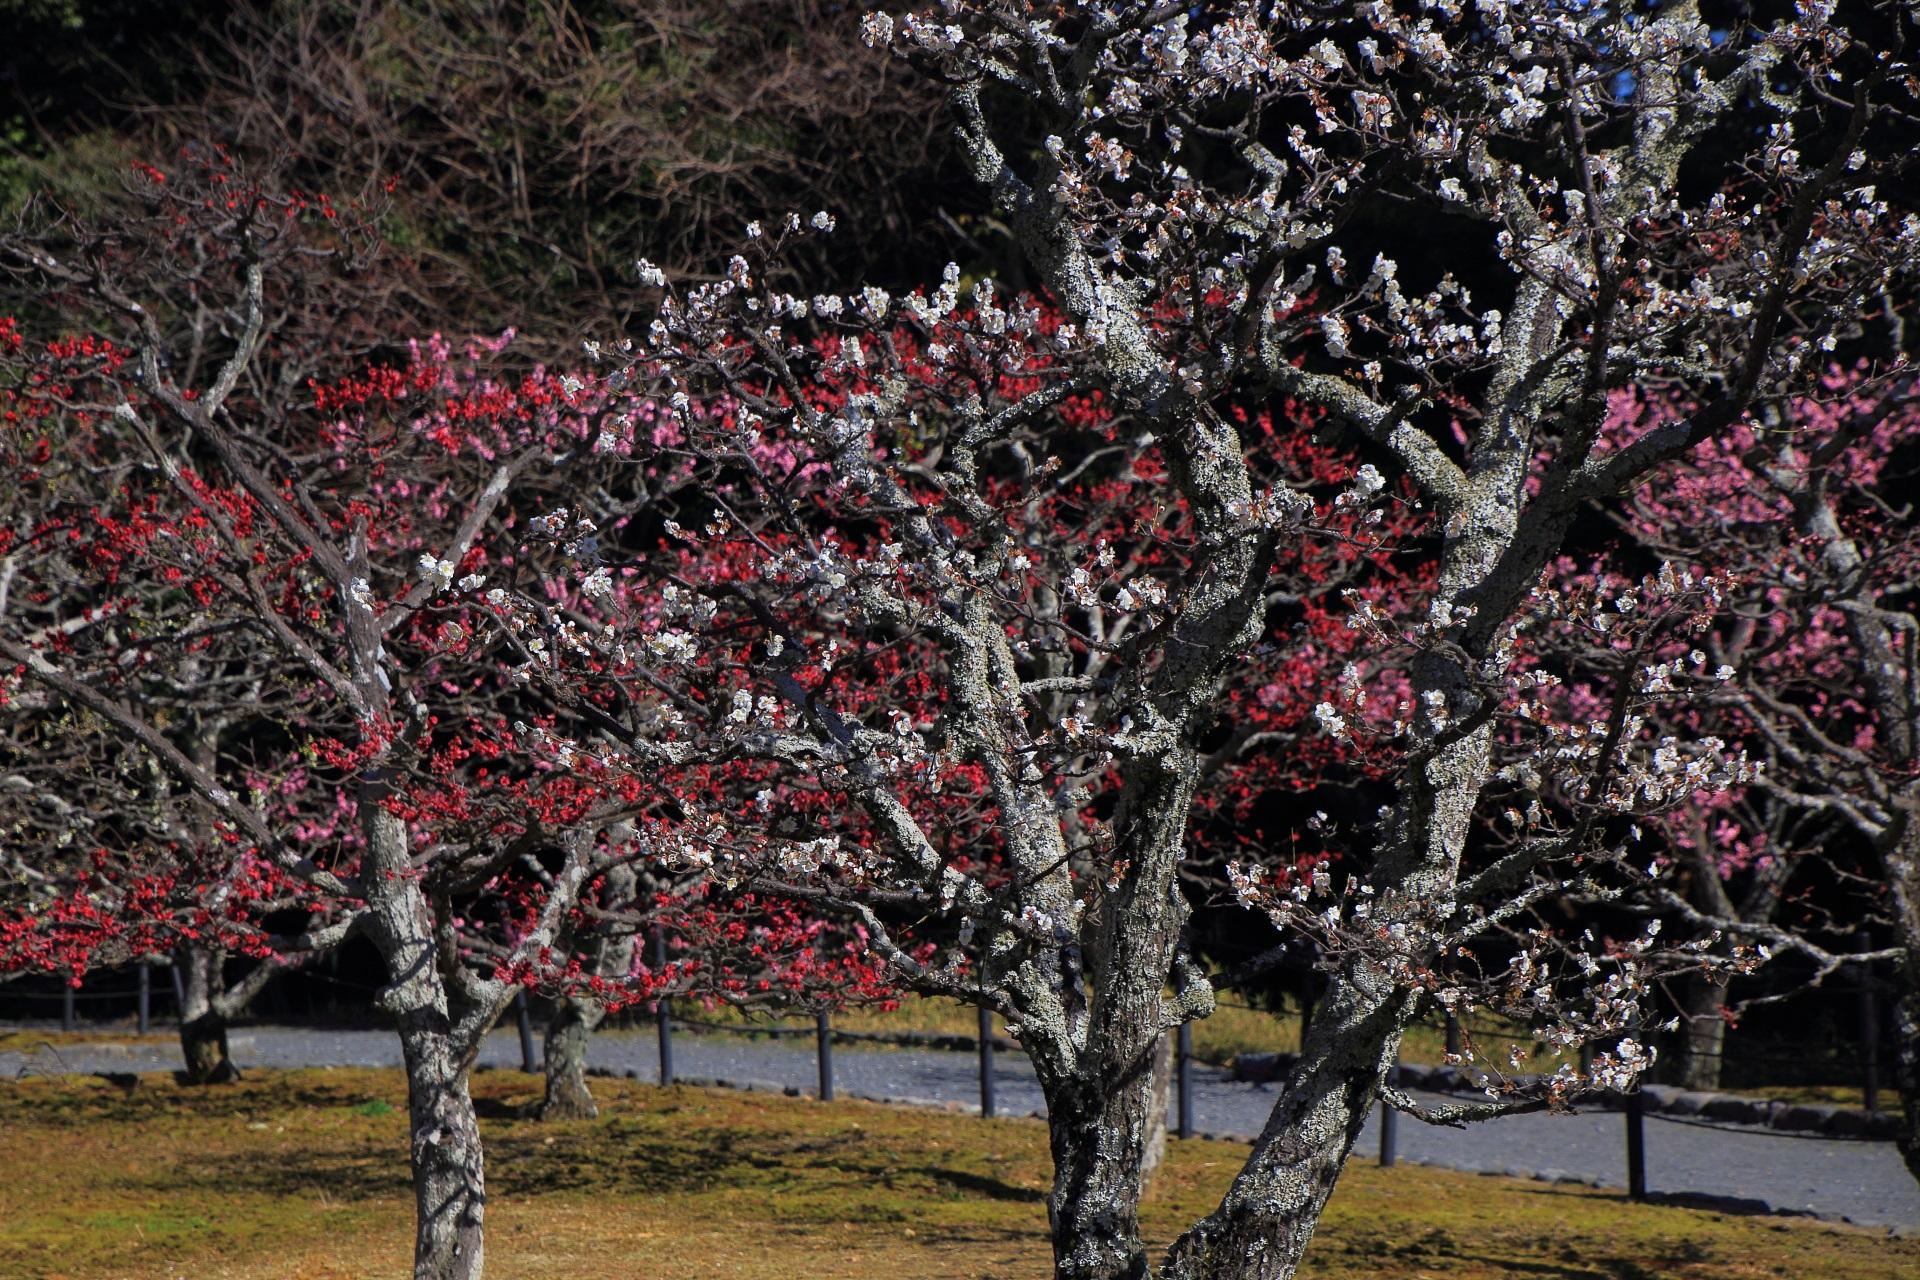 趣きある幹や枝に色とりどりの花が咲く梅